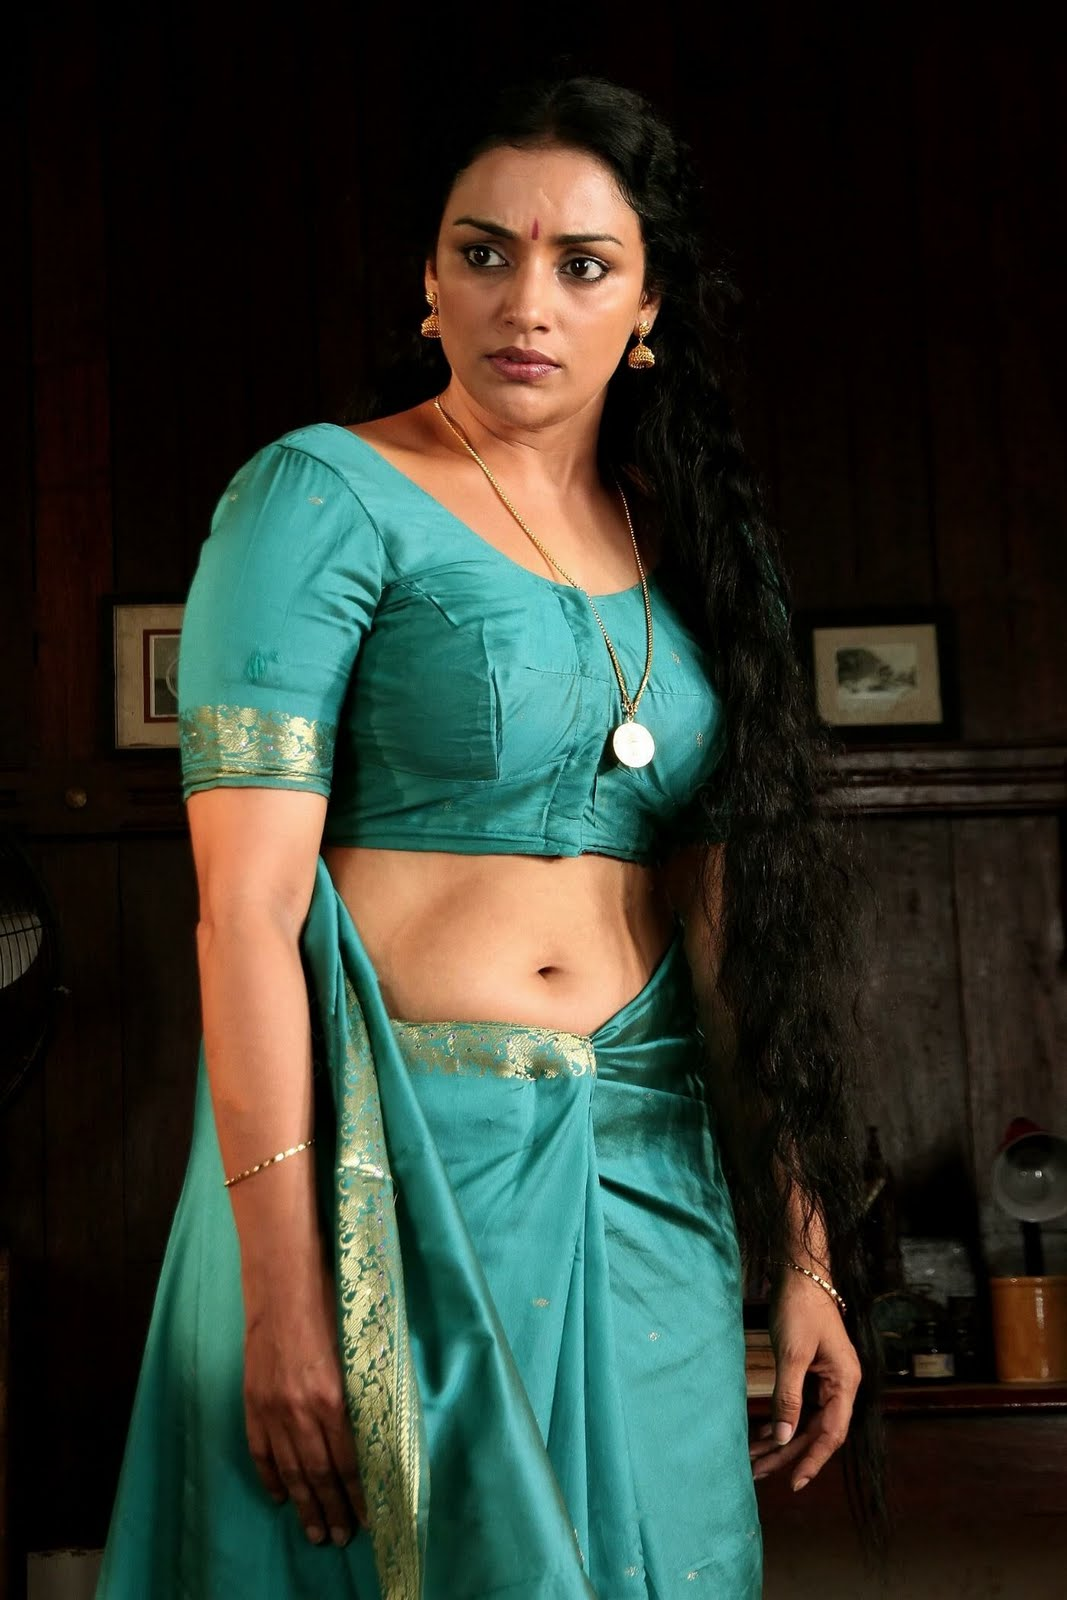 Hot Indian Aunties Sexy Photos Saree Pics Indian Aunty Navel-4735